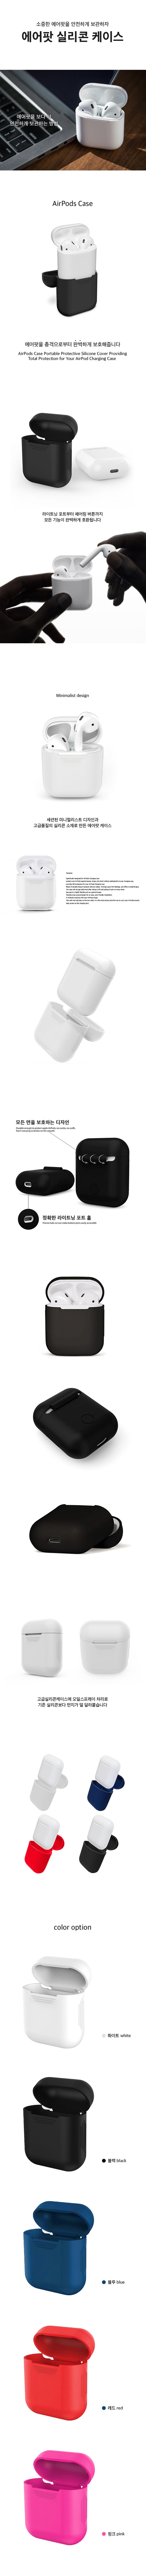 에어팟 실리콘 스킨 충격 보호 커버 케이스 - 갓샵, 3,900원, 케이스, 에어팟